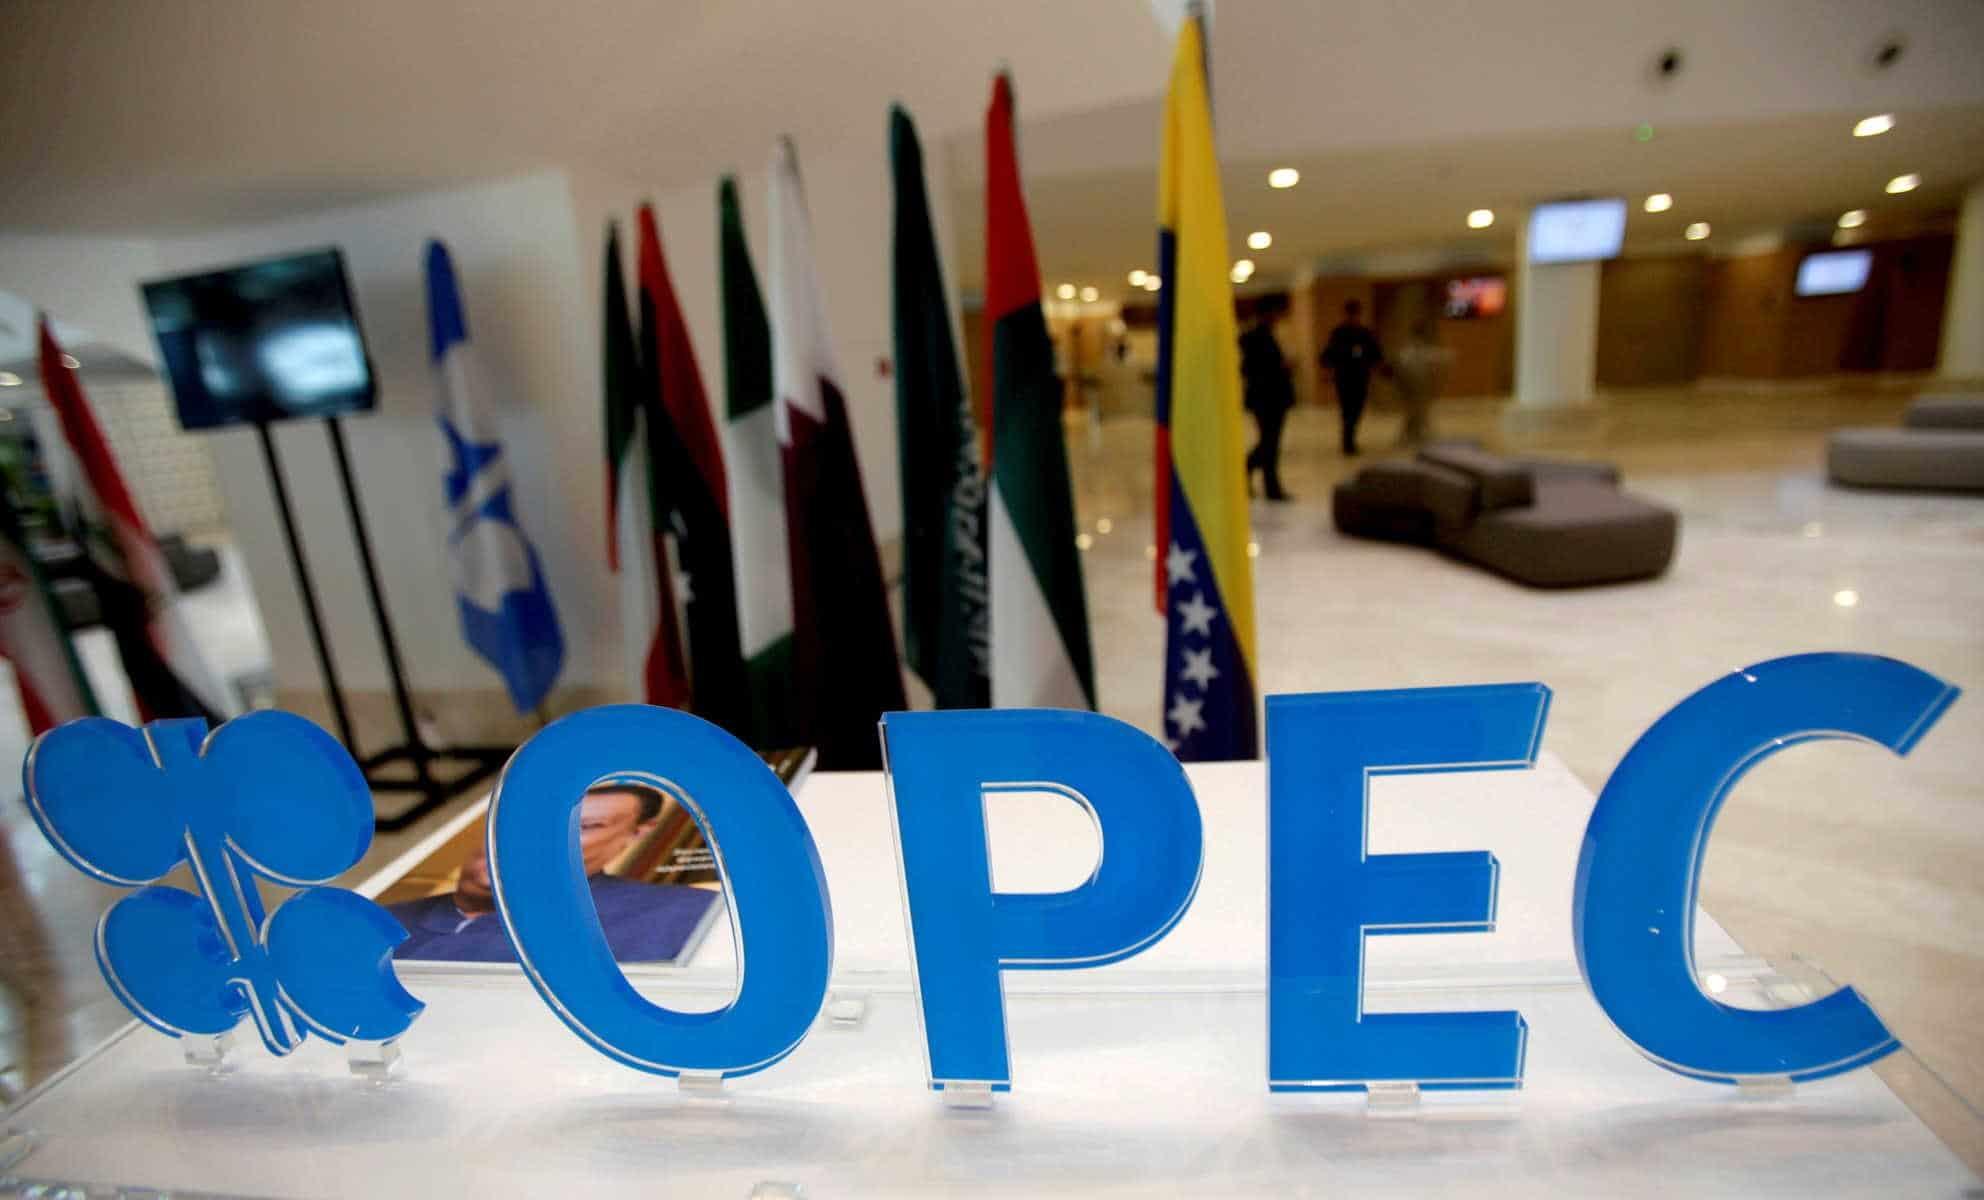 تفاصيل الخلاف بين الإمارات والسعودية حول اتفاق (أوبك بلس ).. تقرير سويسري يكشف ما جرى